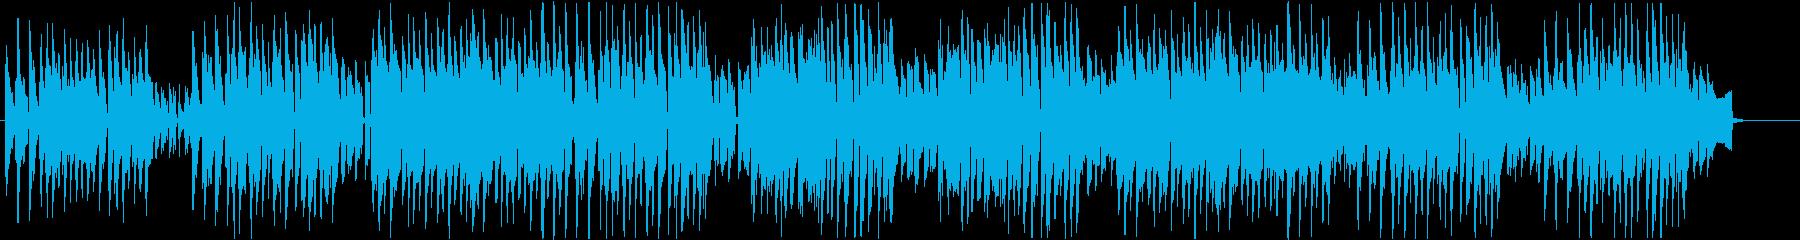 【ドラム抜き】ハッピーでポップなウクレレの再生済みの波形